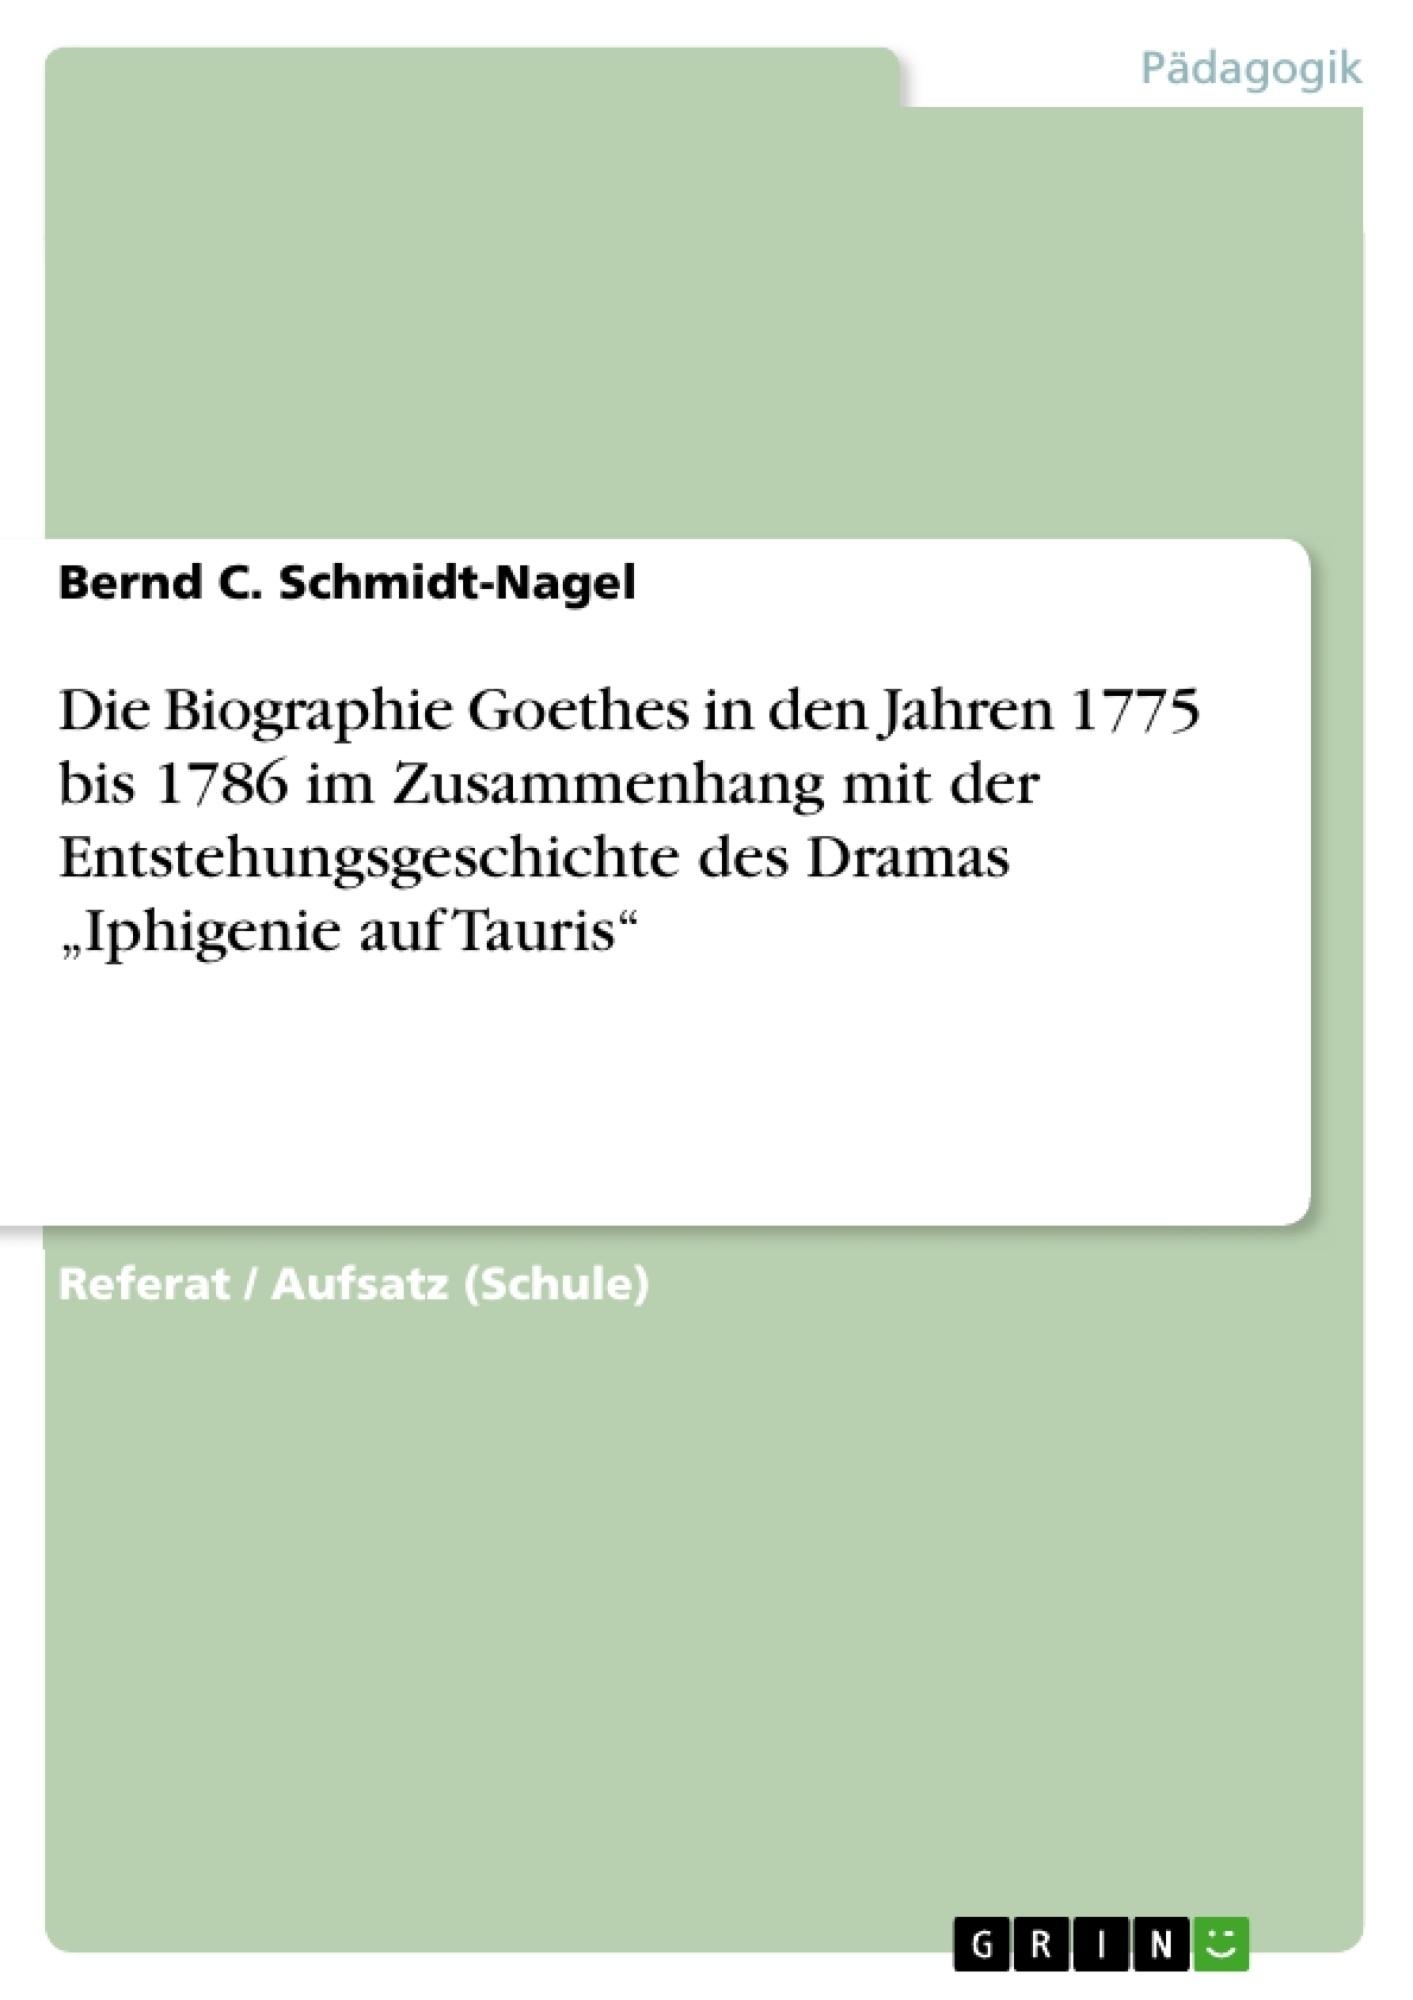 """Titel: Die Biographie Goethes in den Jahren 1775 bis 1786 im Zusammenhang mit der Entstehungsgeschichte des Dramas """"Iphigenie auf Tauris"""""""